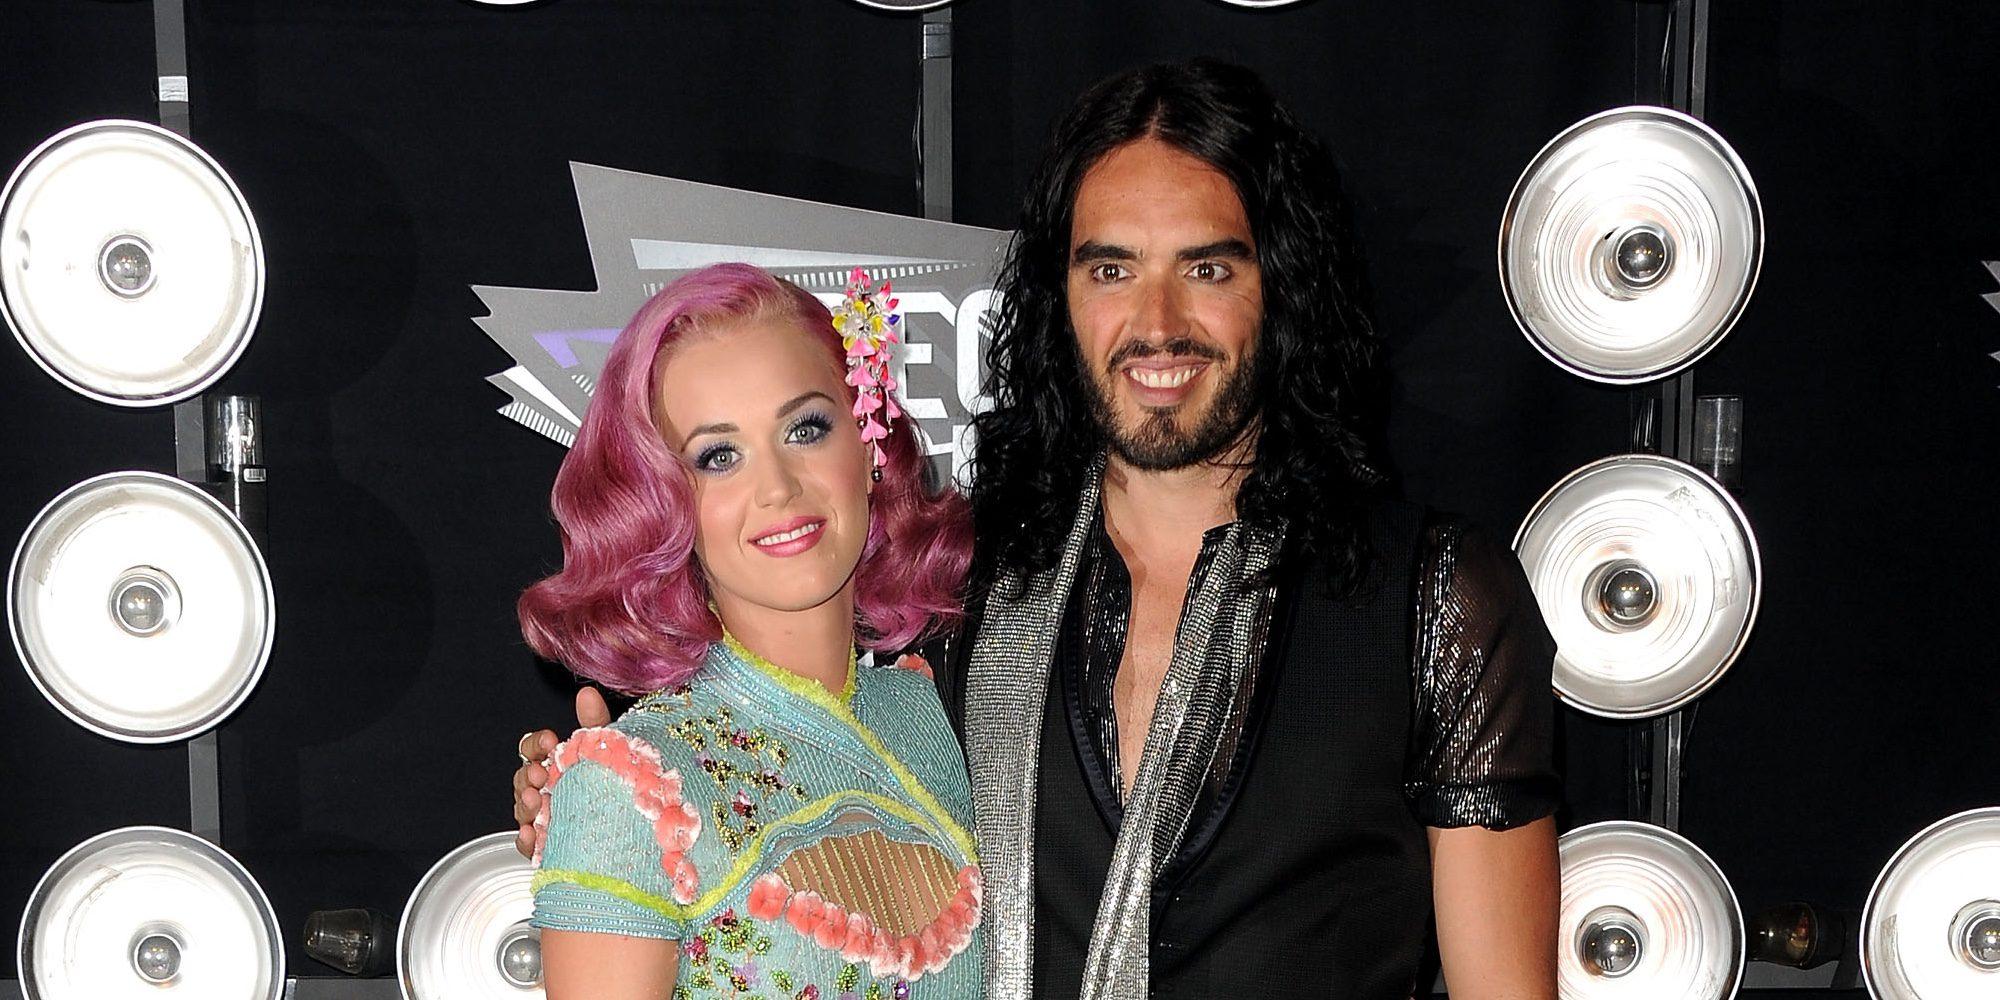 """Russel Brand quiere retomar el contacto con Katy Perry: """"Estoy abierto a la reconciliación"""""""